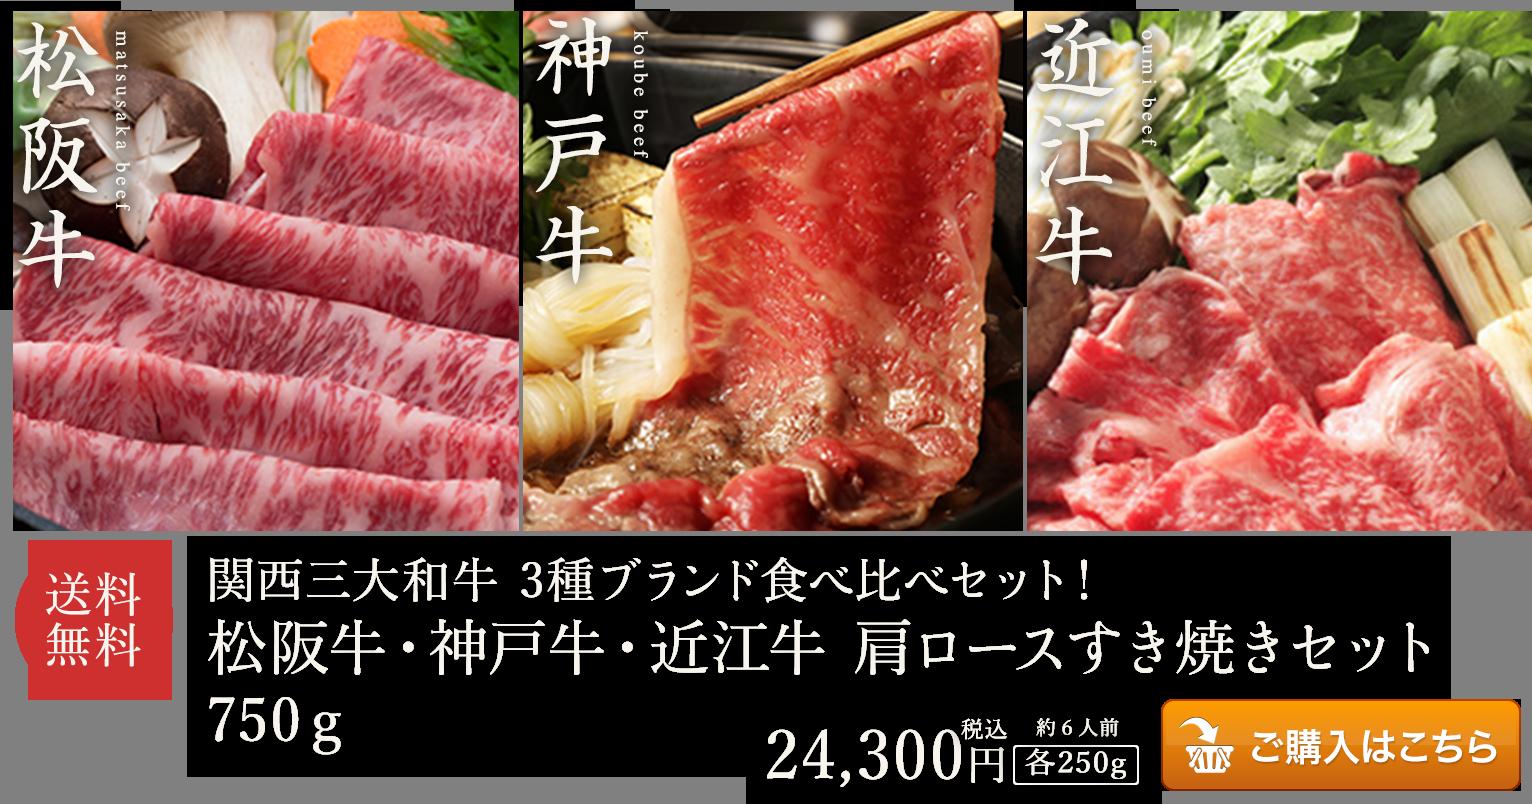 関西三大和牛食べ比べセット